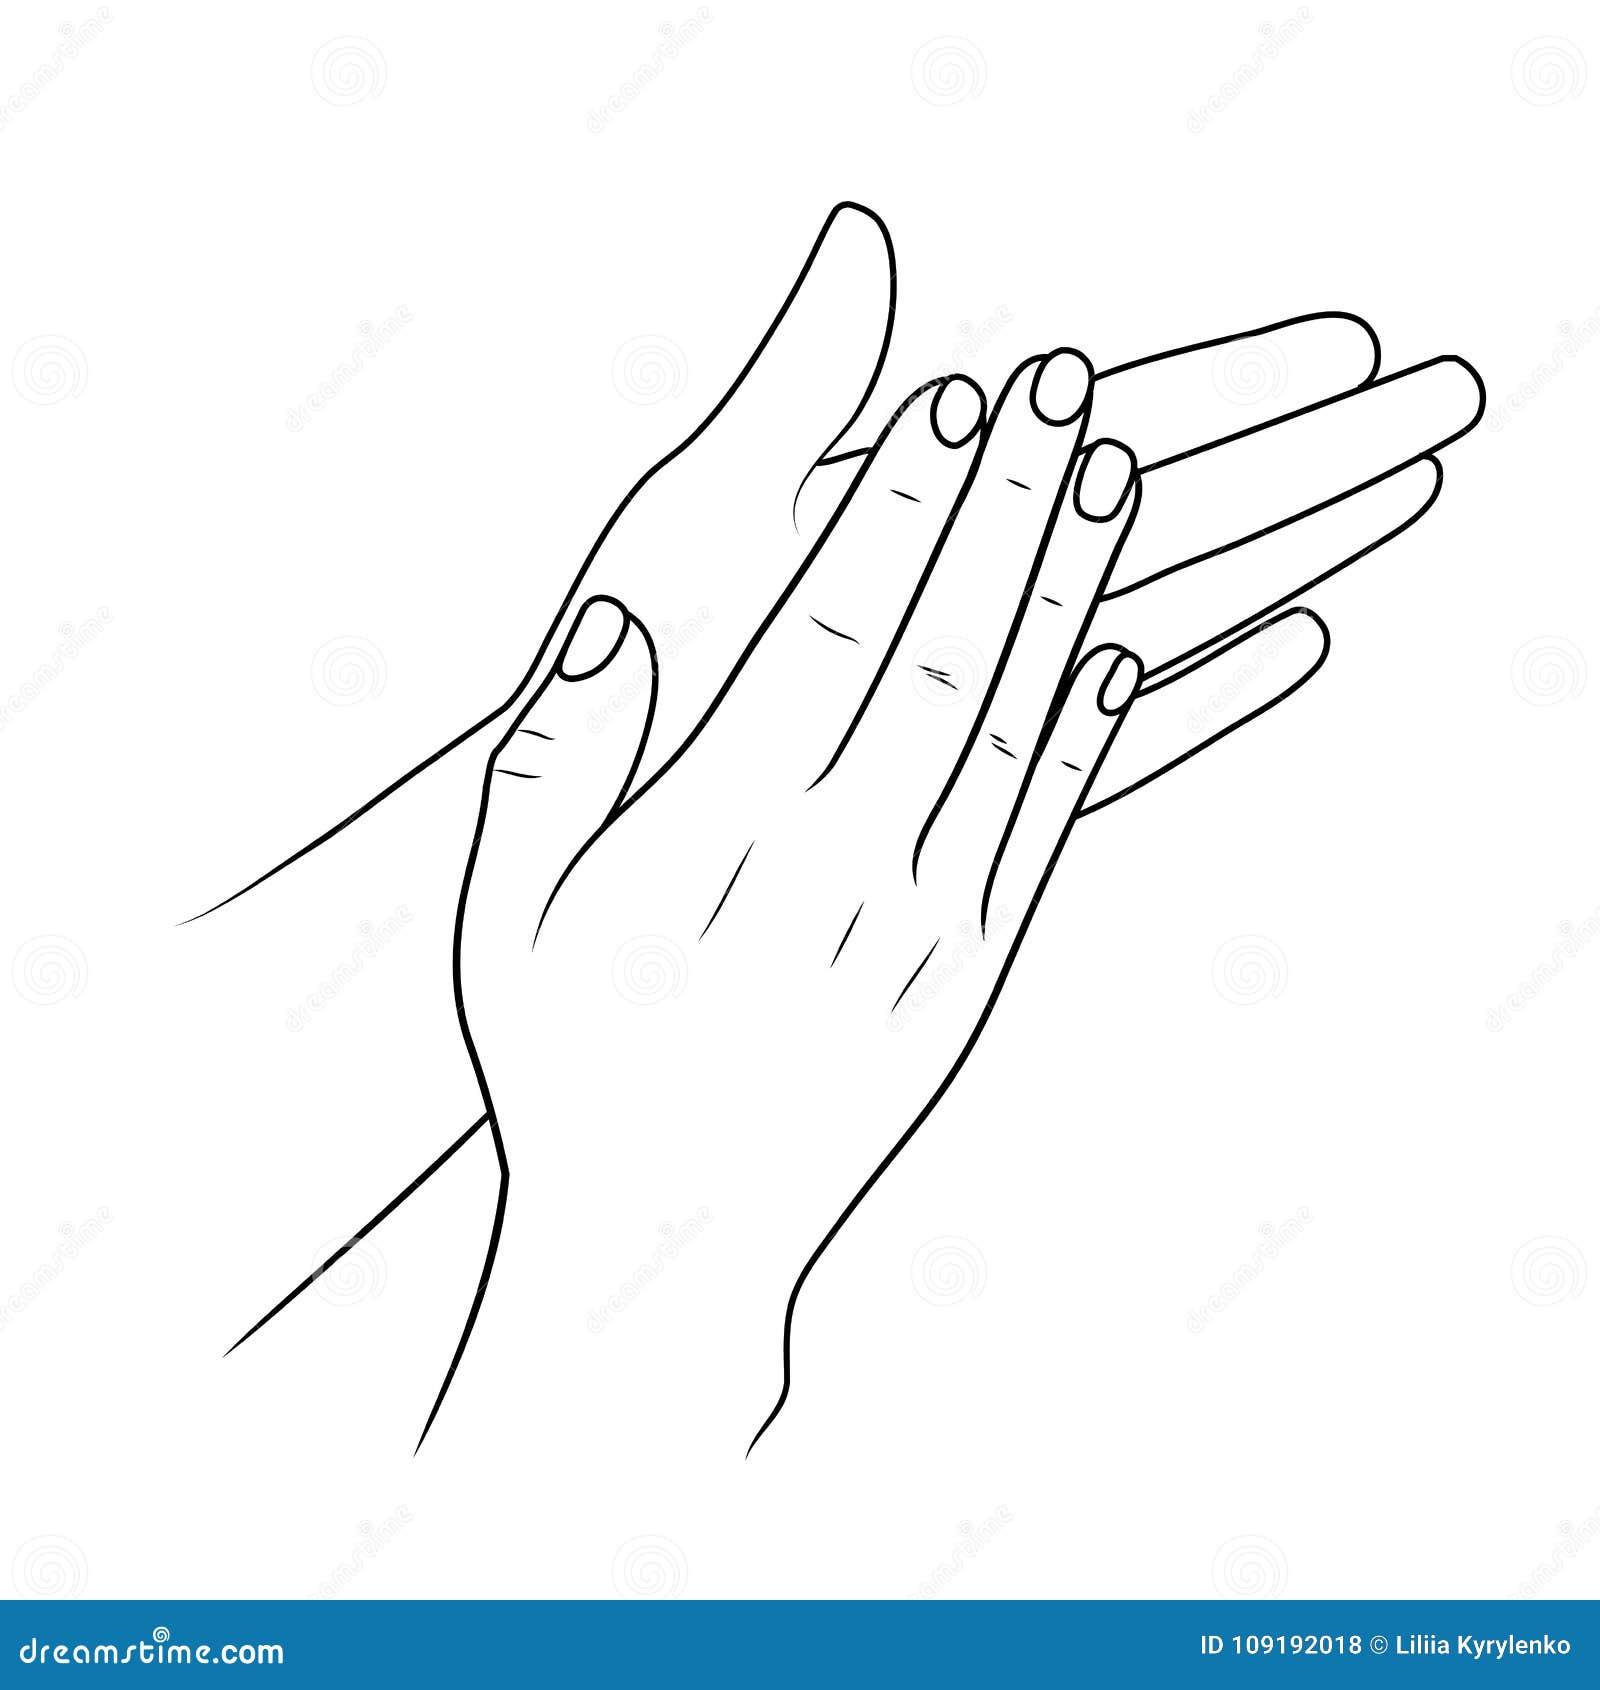 Χτύπημα των χεριών ή επιδοκιμασία, γραμμικού απεικόνισης ή του σκίτσου από το μαύρο κτύπημα